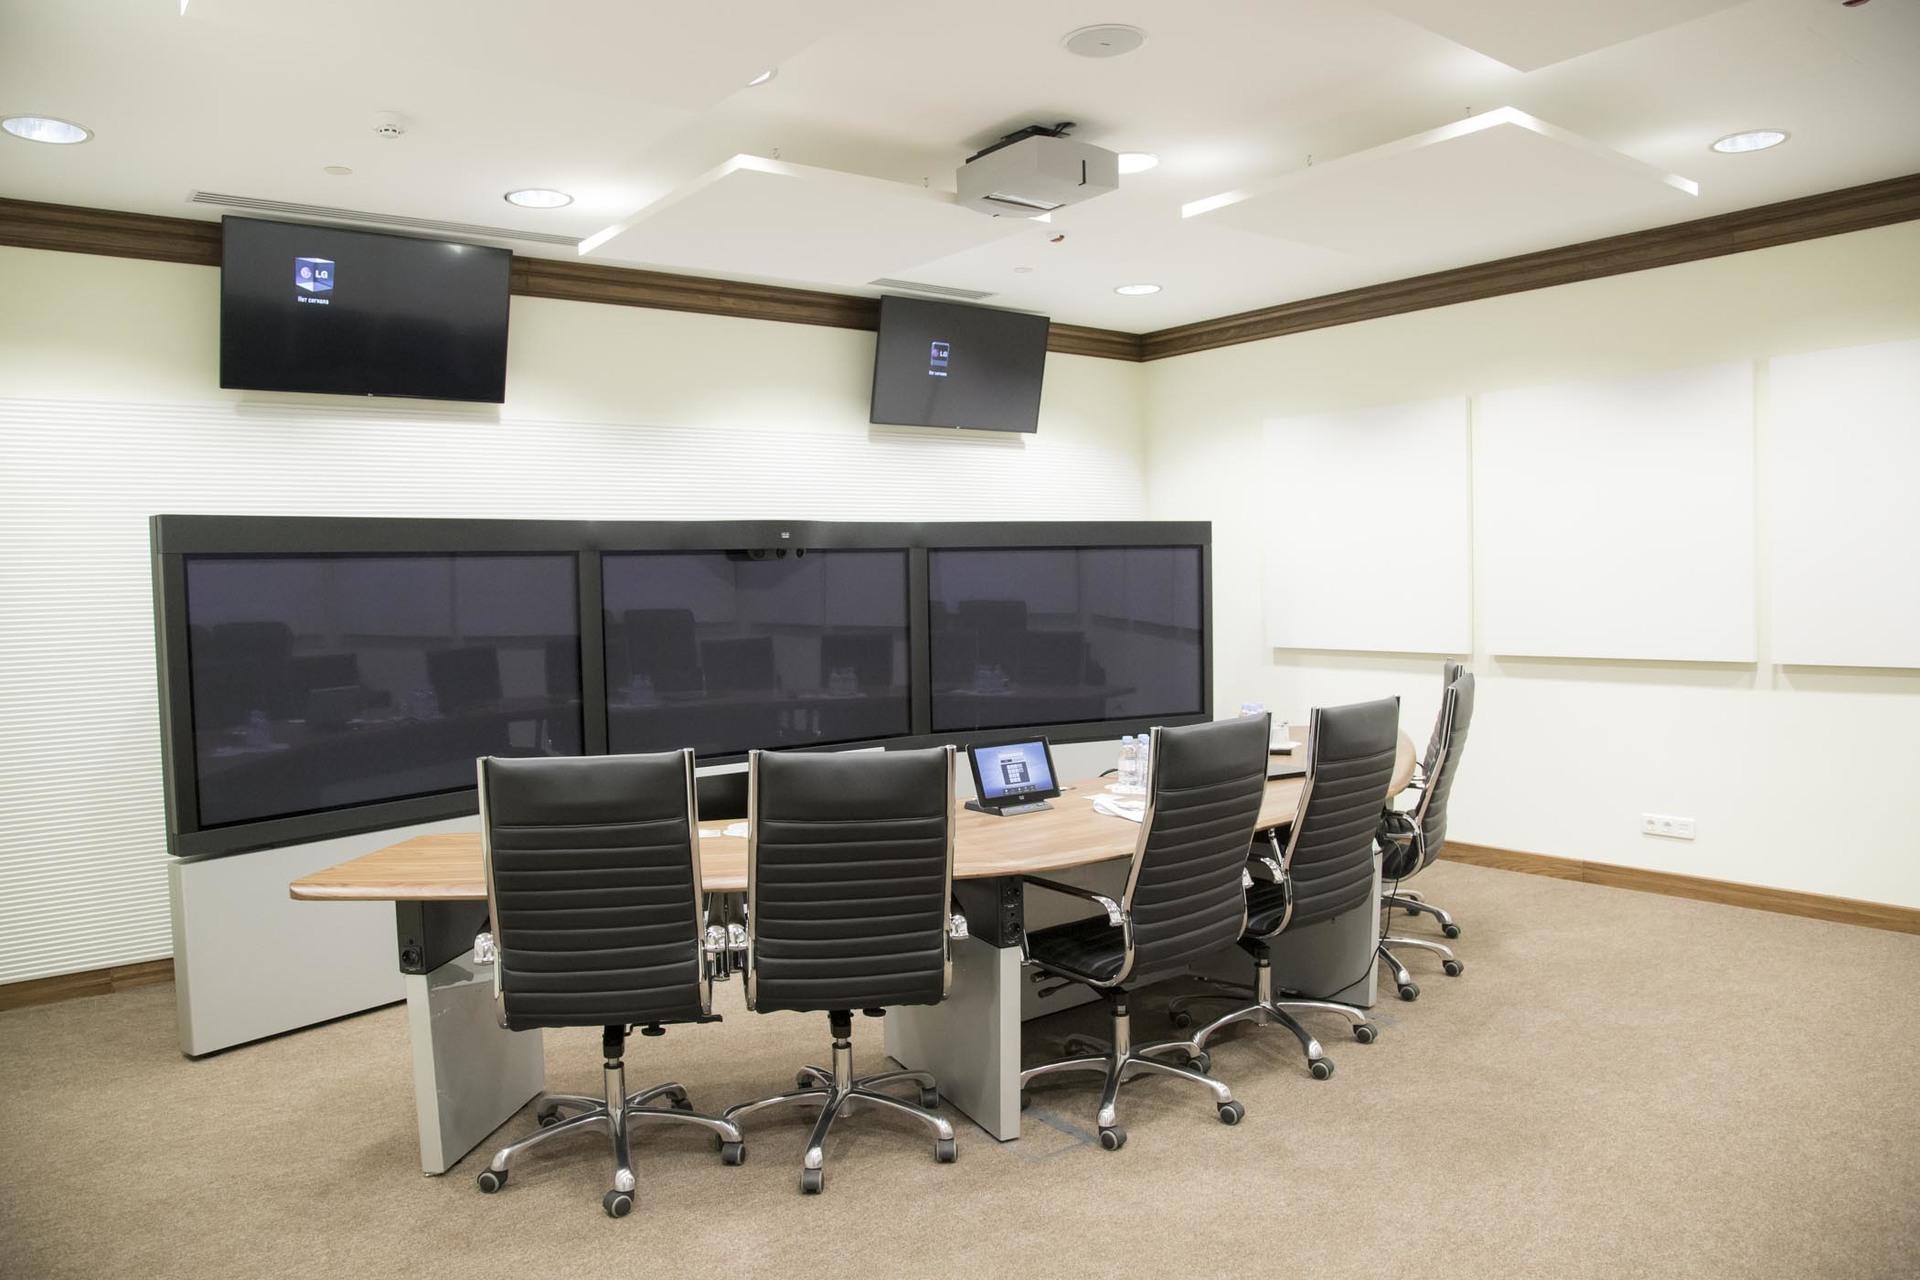 Видеоконференцсвязь для одной государственной организации: почему нужны аппаратные решения - 1